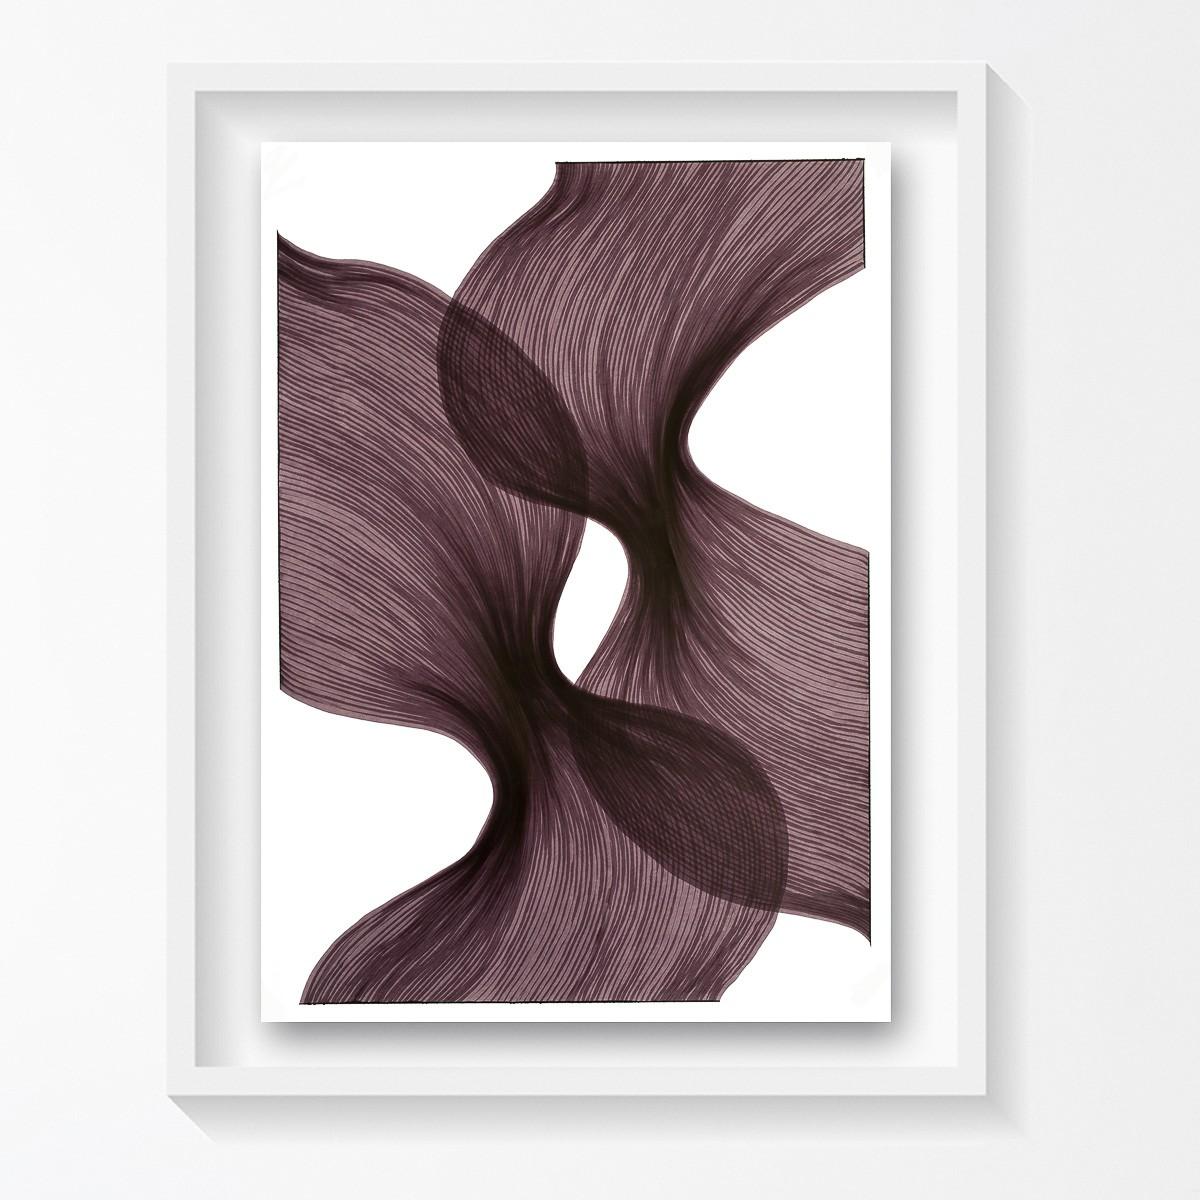 Venice Sheer Folds | Lali Torma | Zeichnung | Kalligraphietusche auf Papier, gerahmt